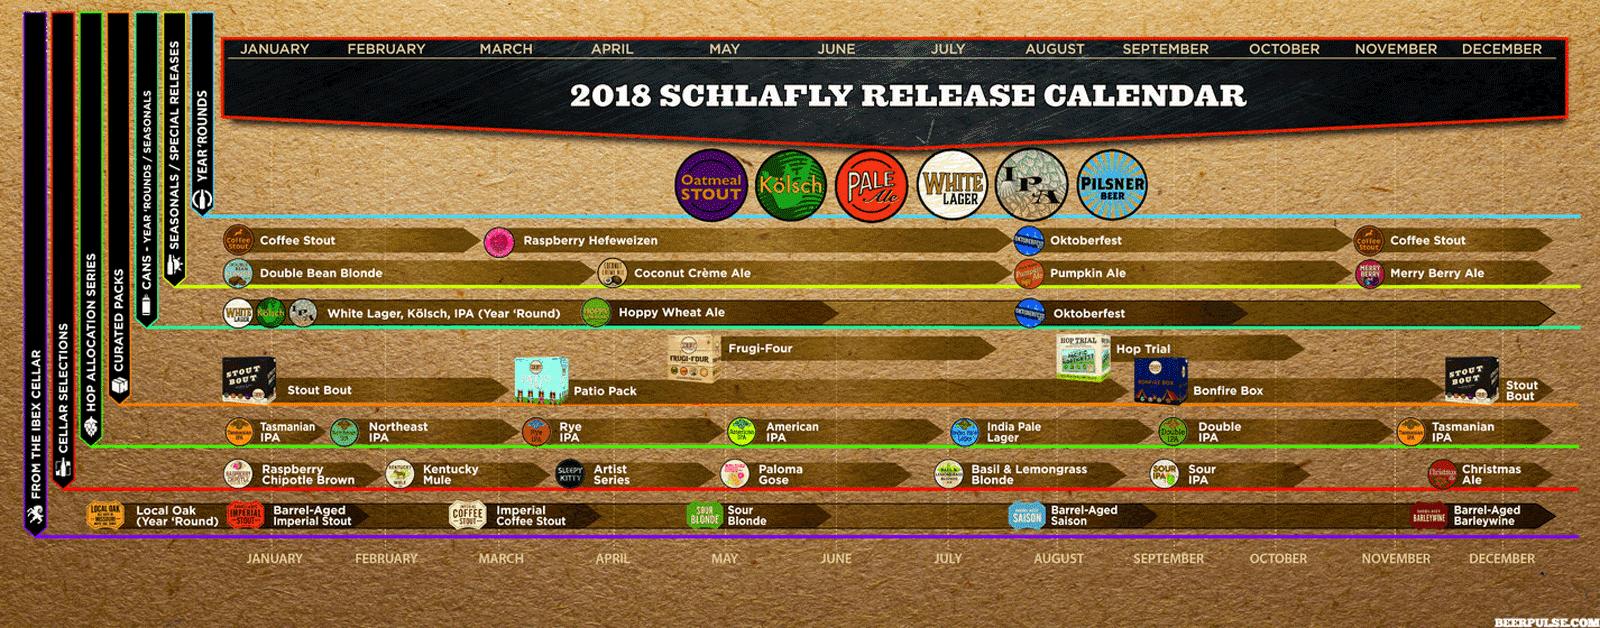 2018 Schlafly Beer Release Calendar